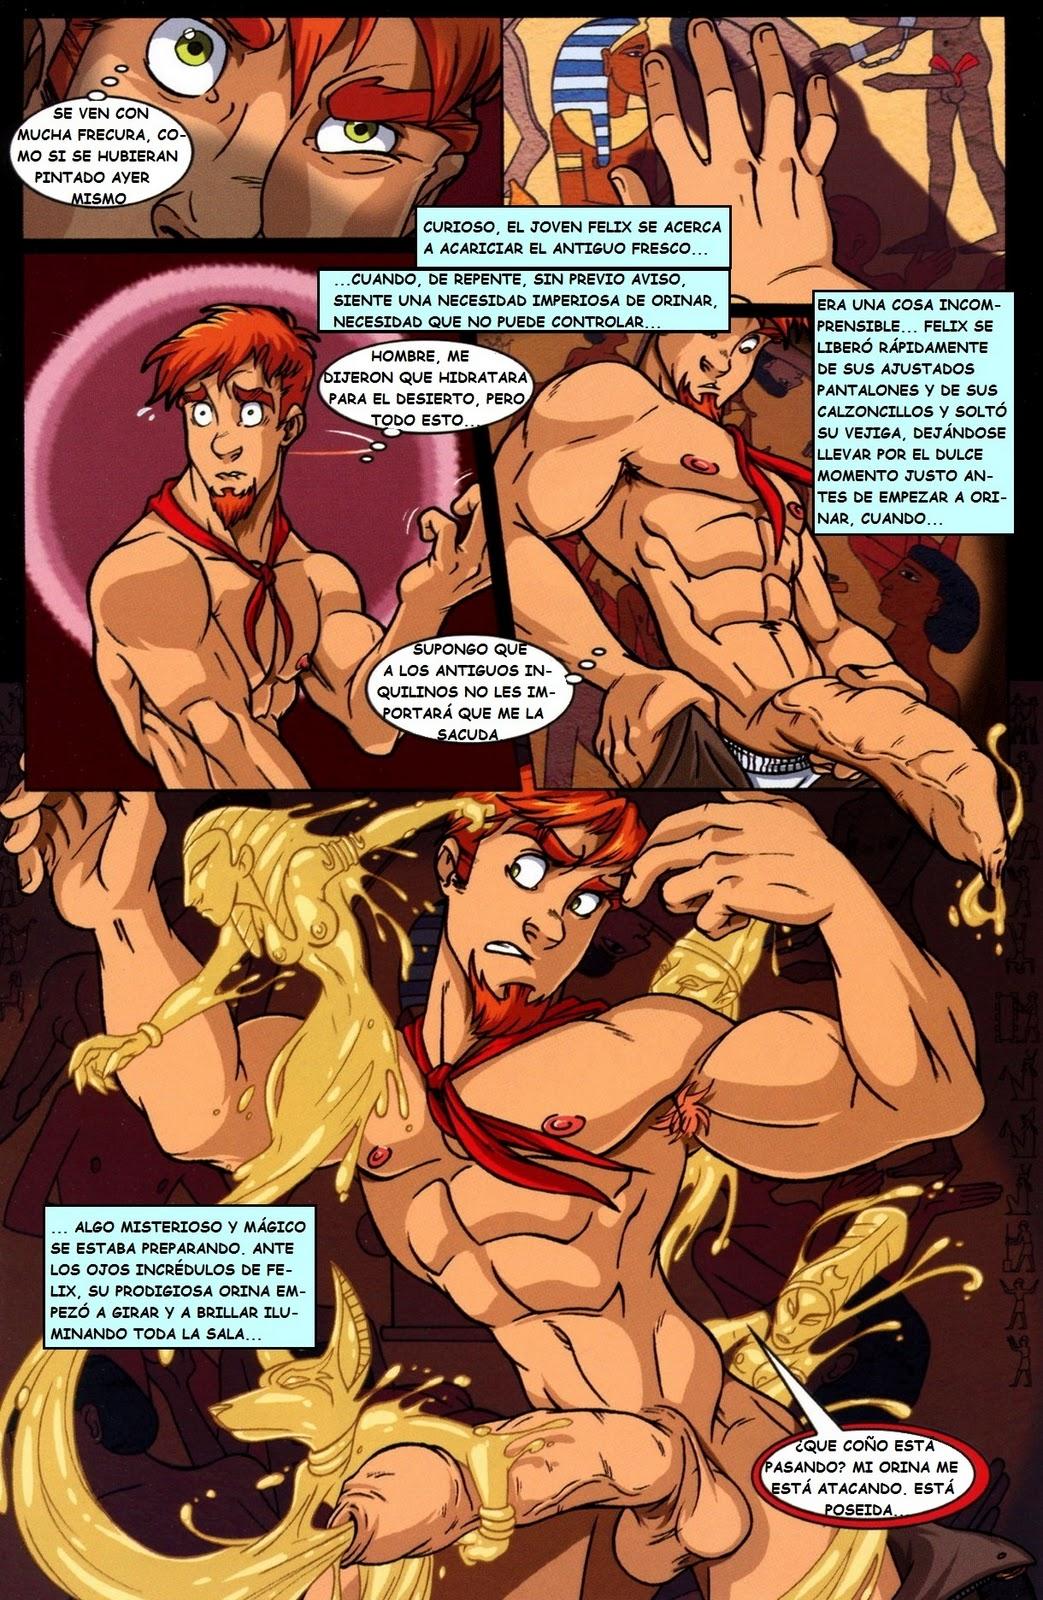 Супергерои комиксы порно 11 фотография